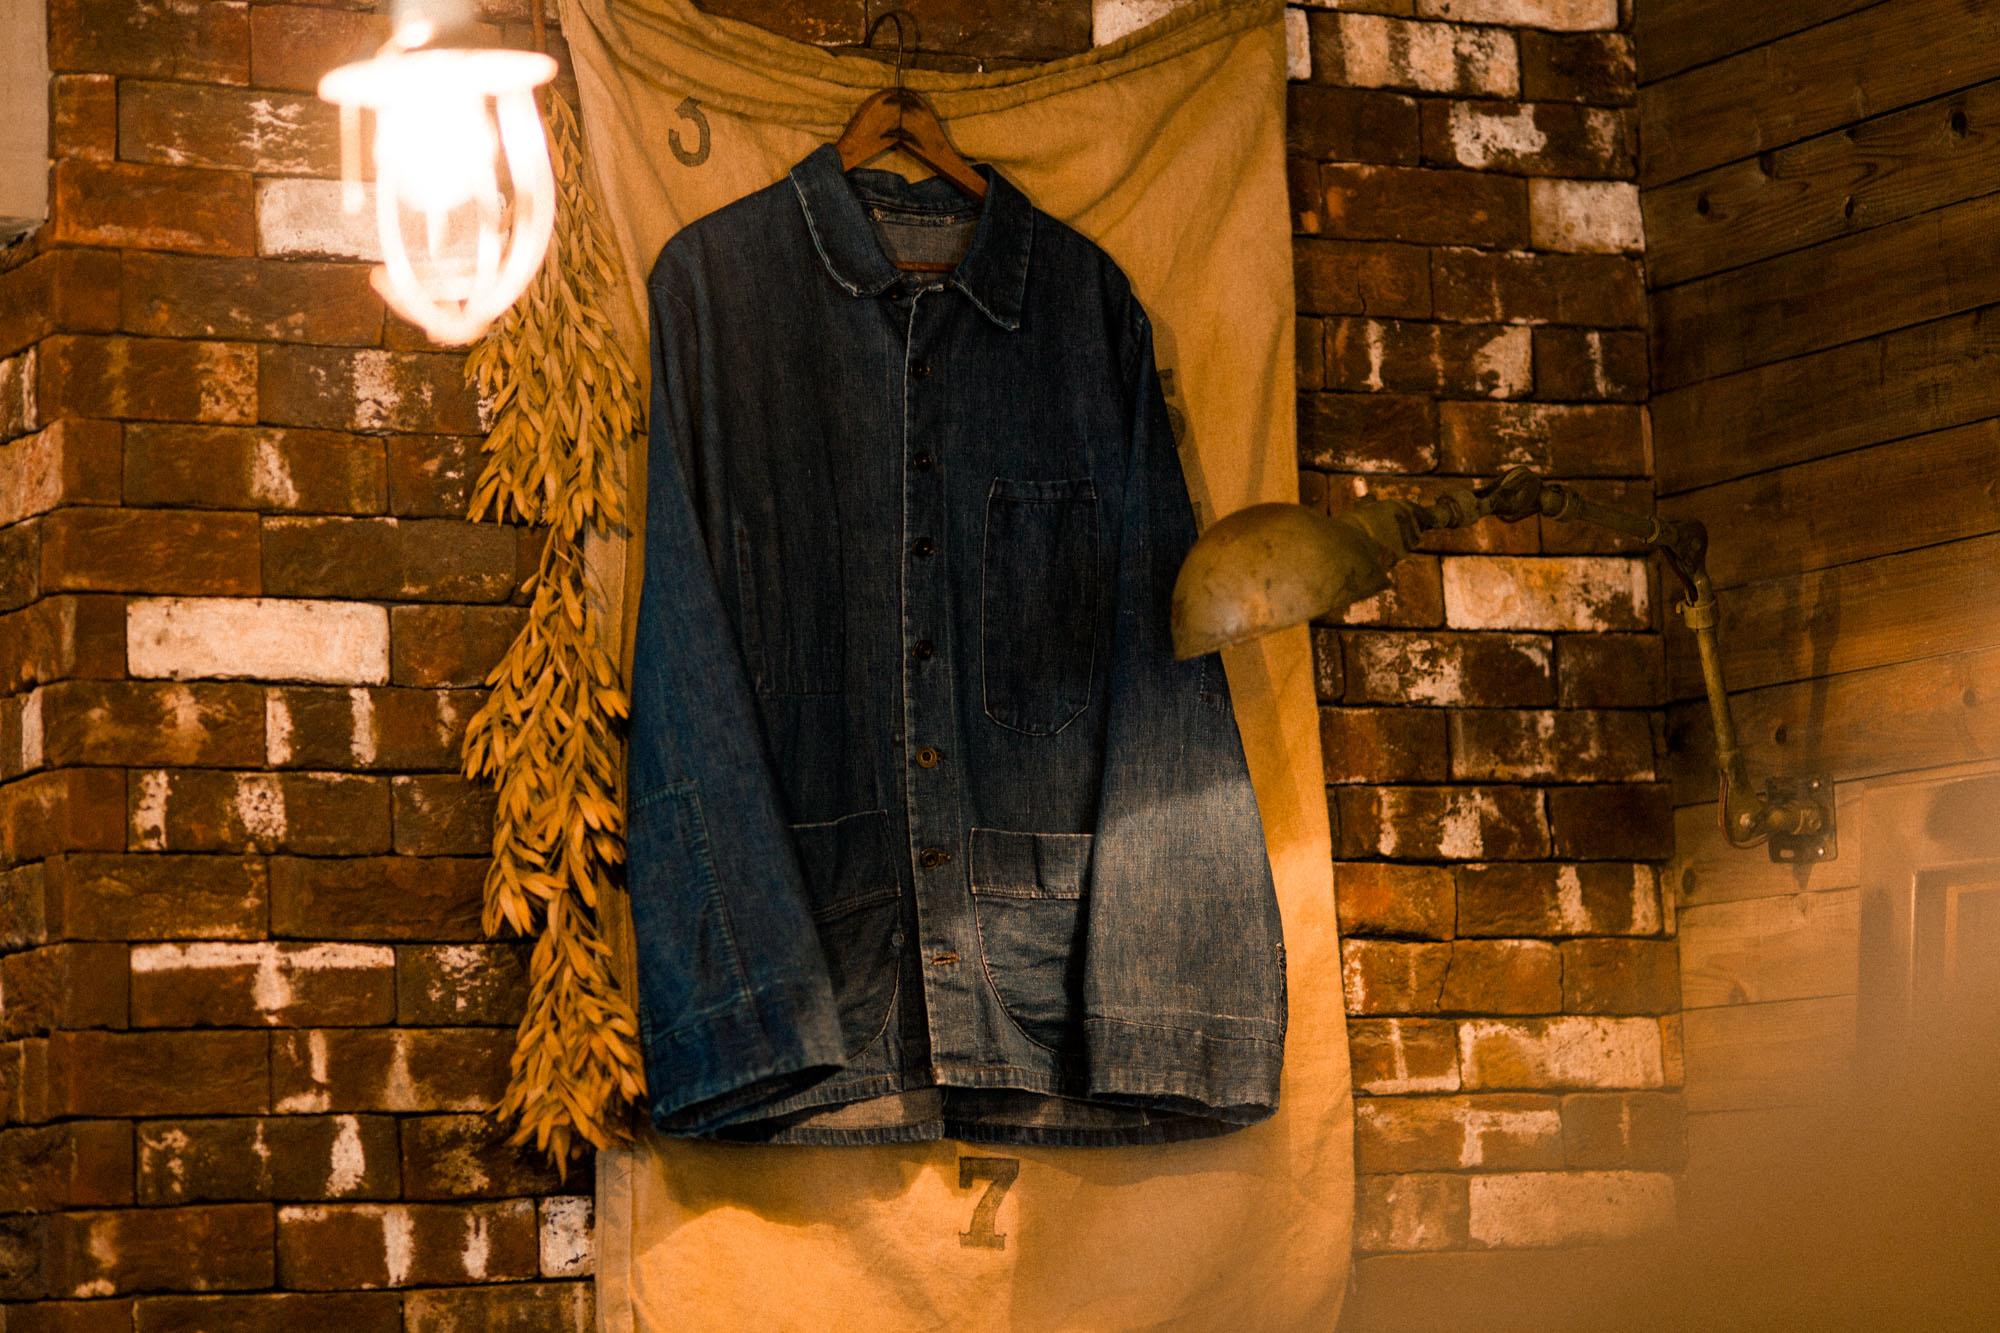 洋服の魅力がグッと詰まった『1920's US PRISONER DENIM JACKET』のご紹介。